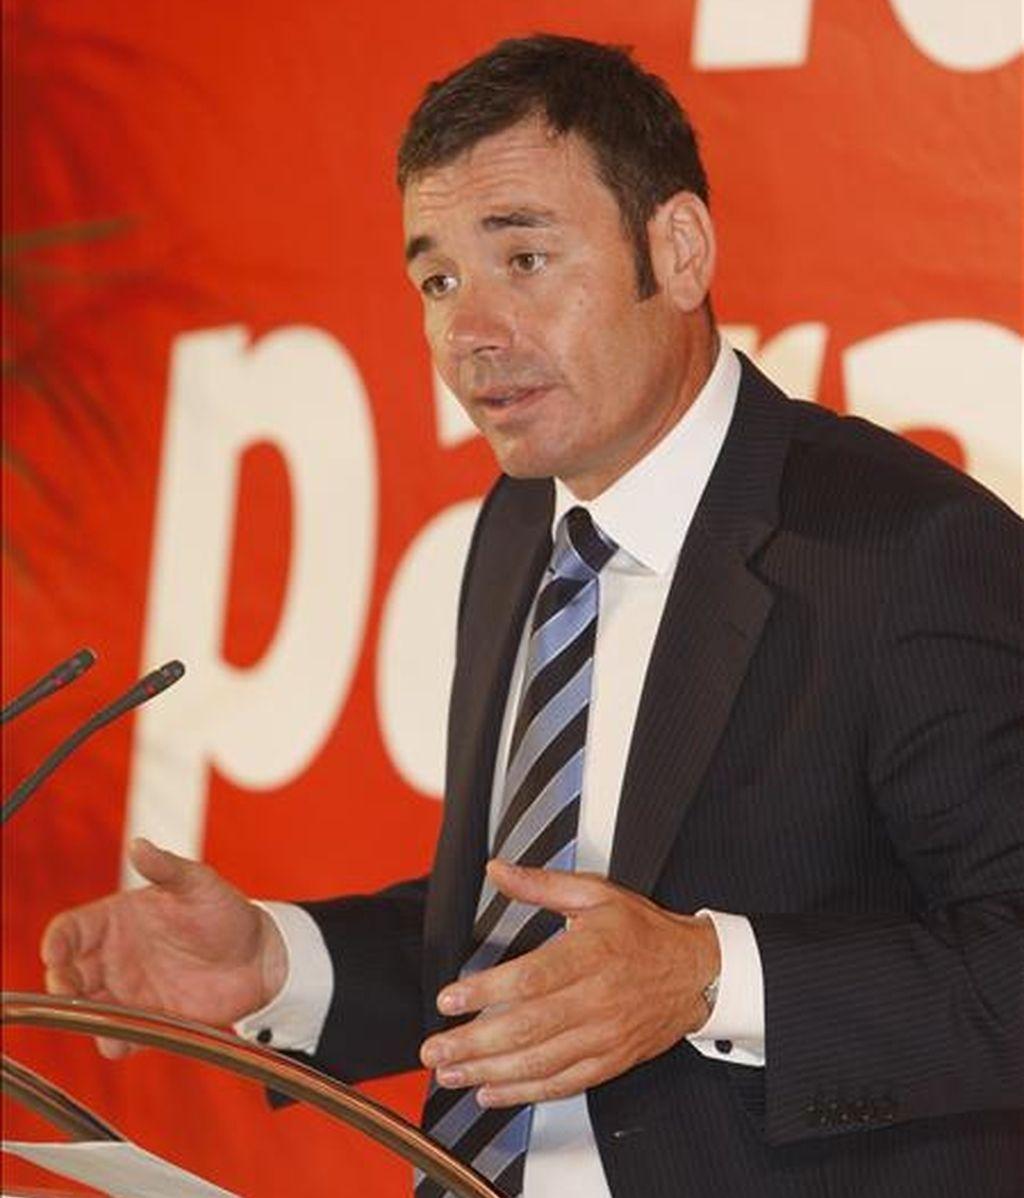 El secretario general del PSM, Tomás Gómez, durante una comparecencia. EFE/Archivo